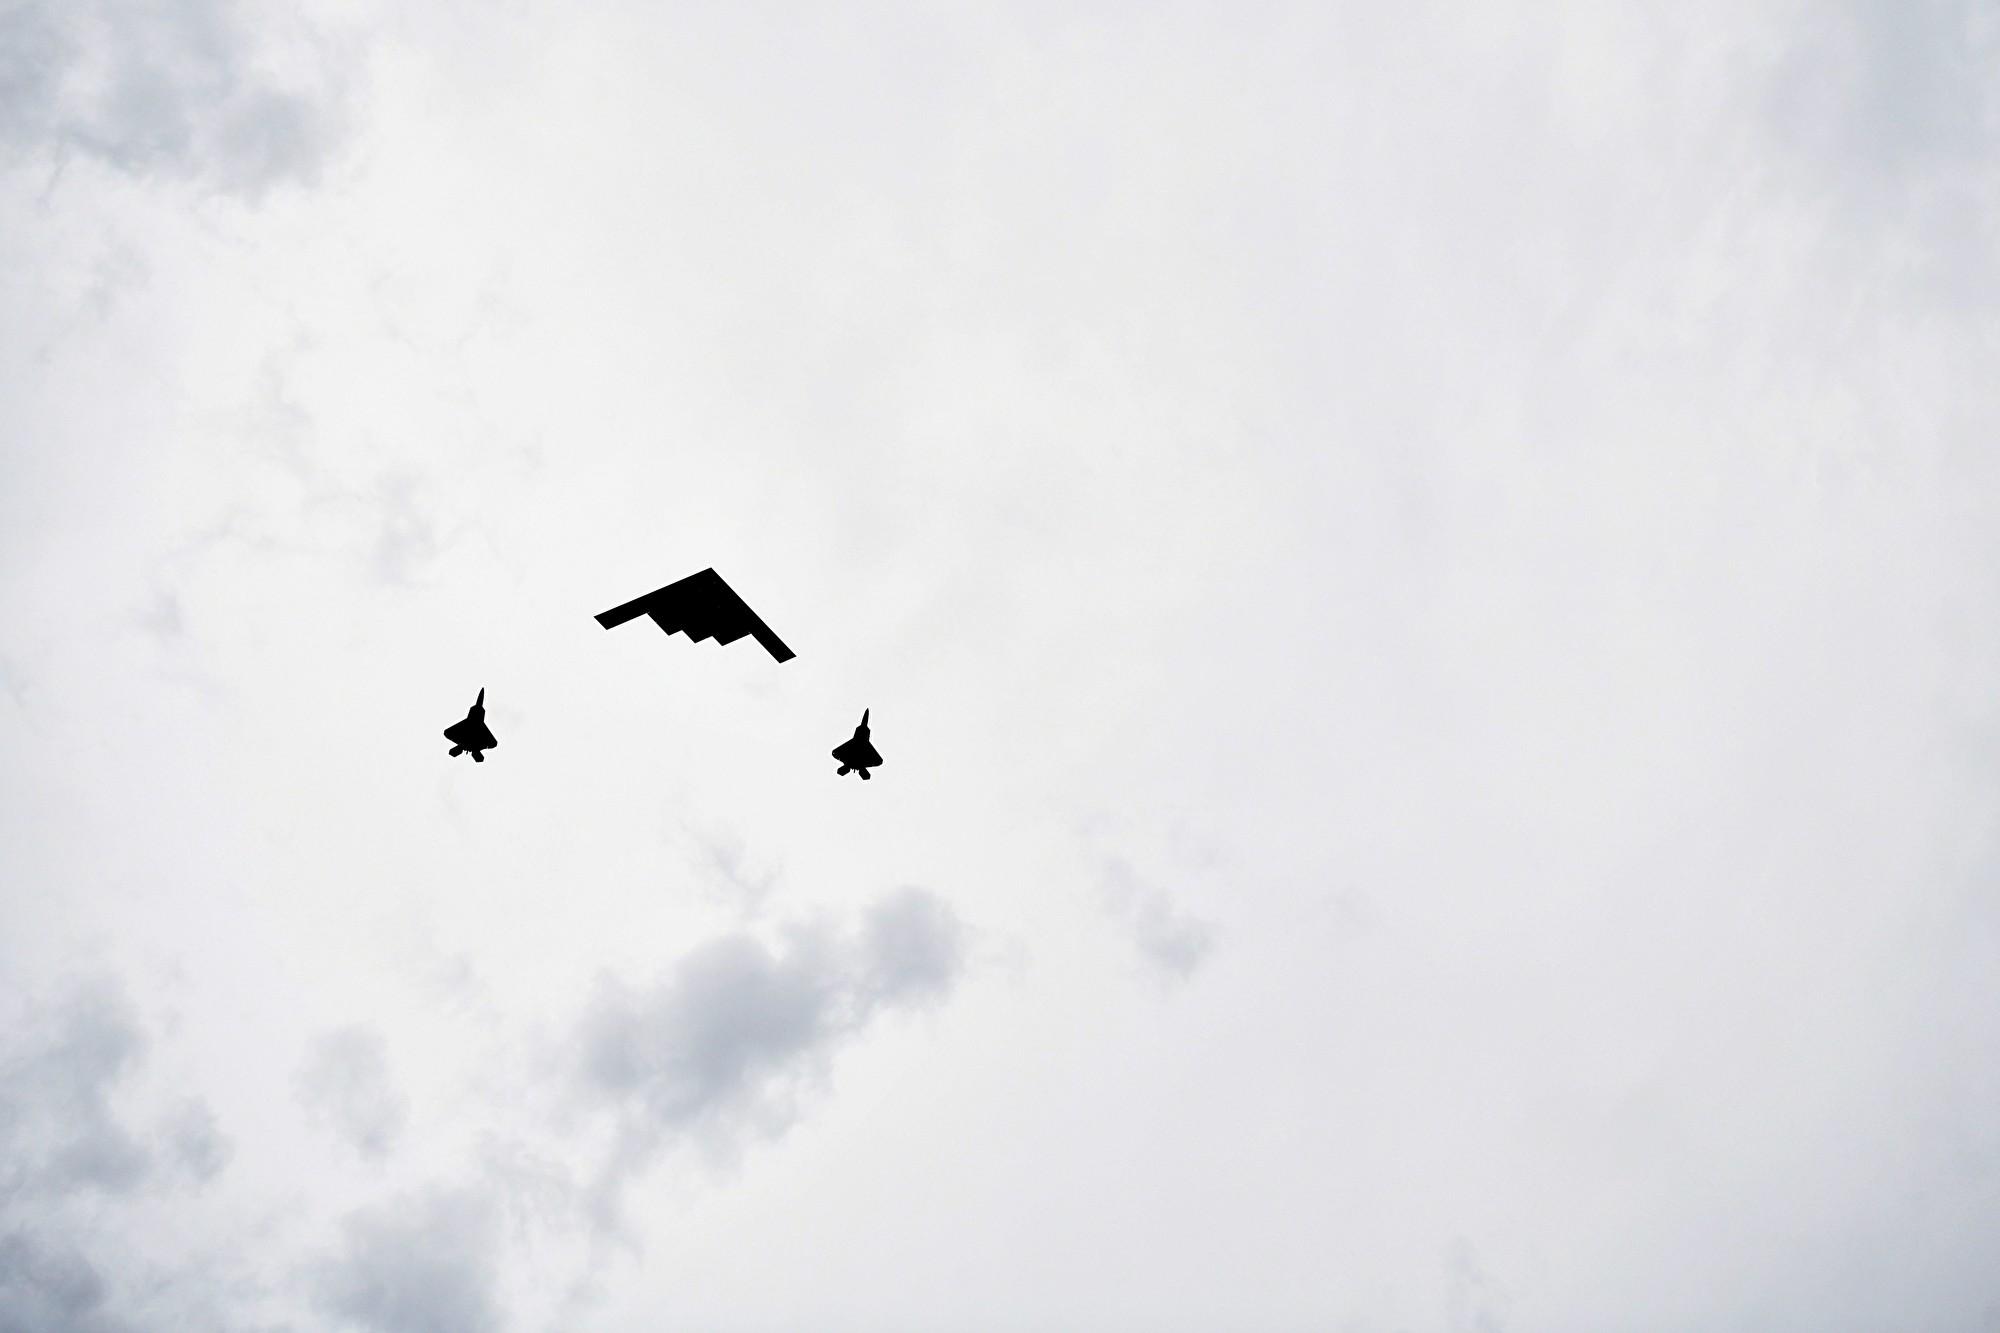 一架B-2幽靈轟炸機(中)和兩架F-22戰機飛過頭頂。 (MANDEL NGAN/AFP)